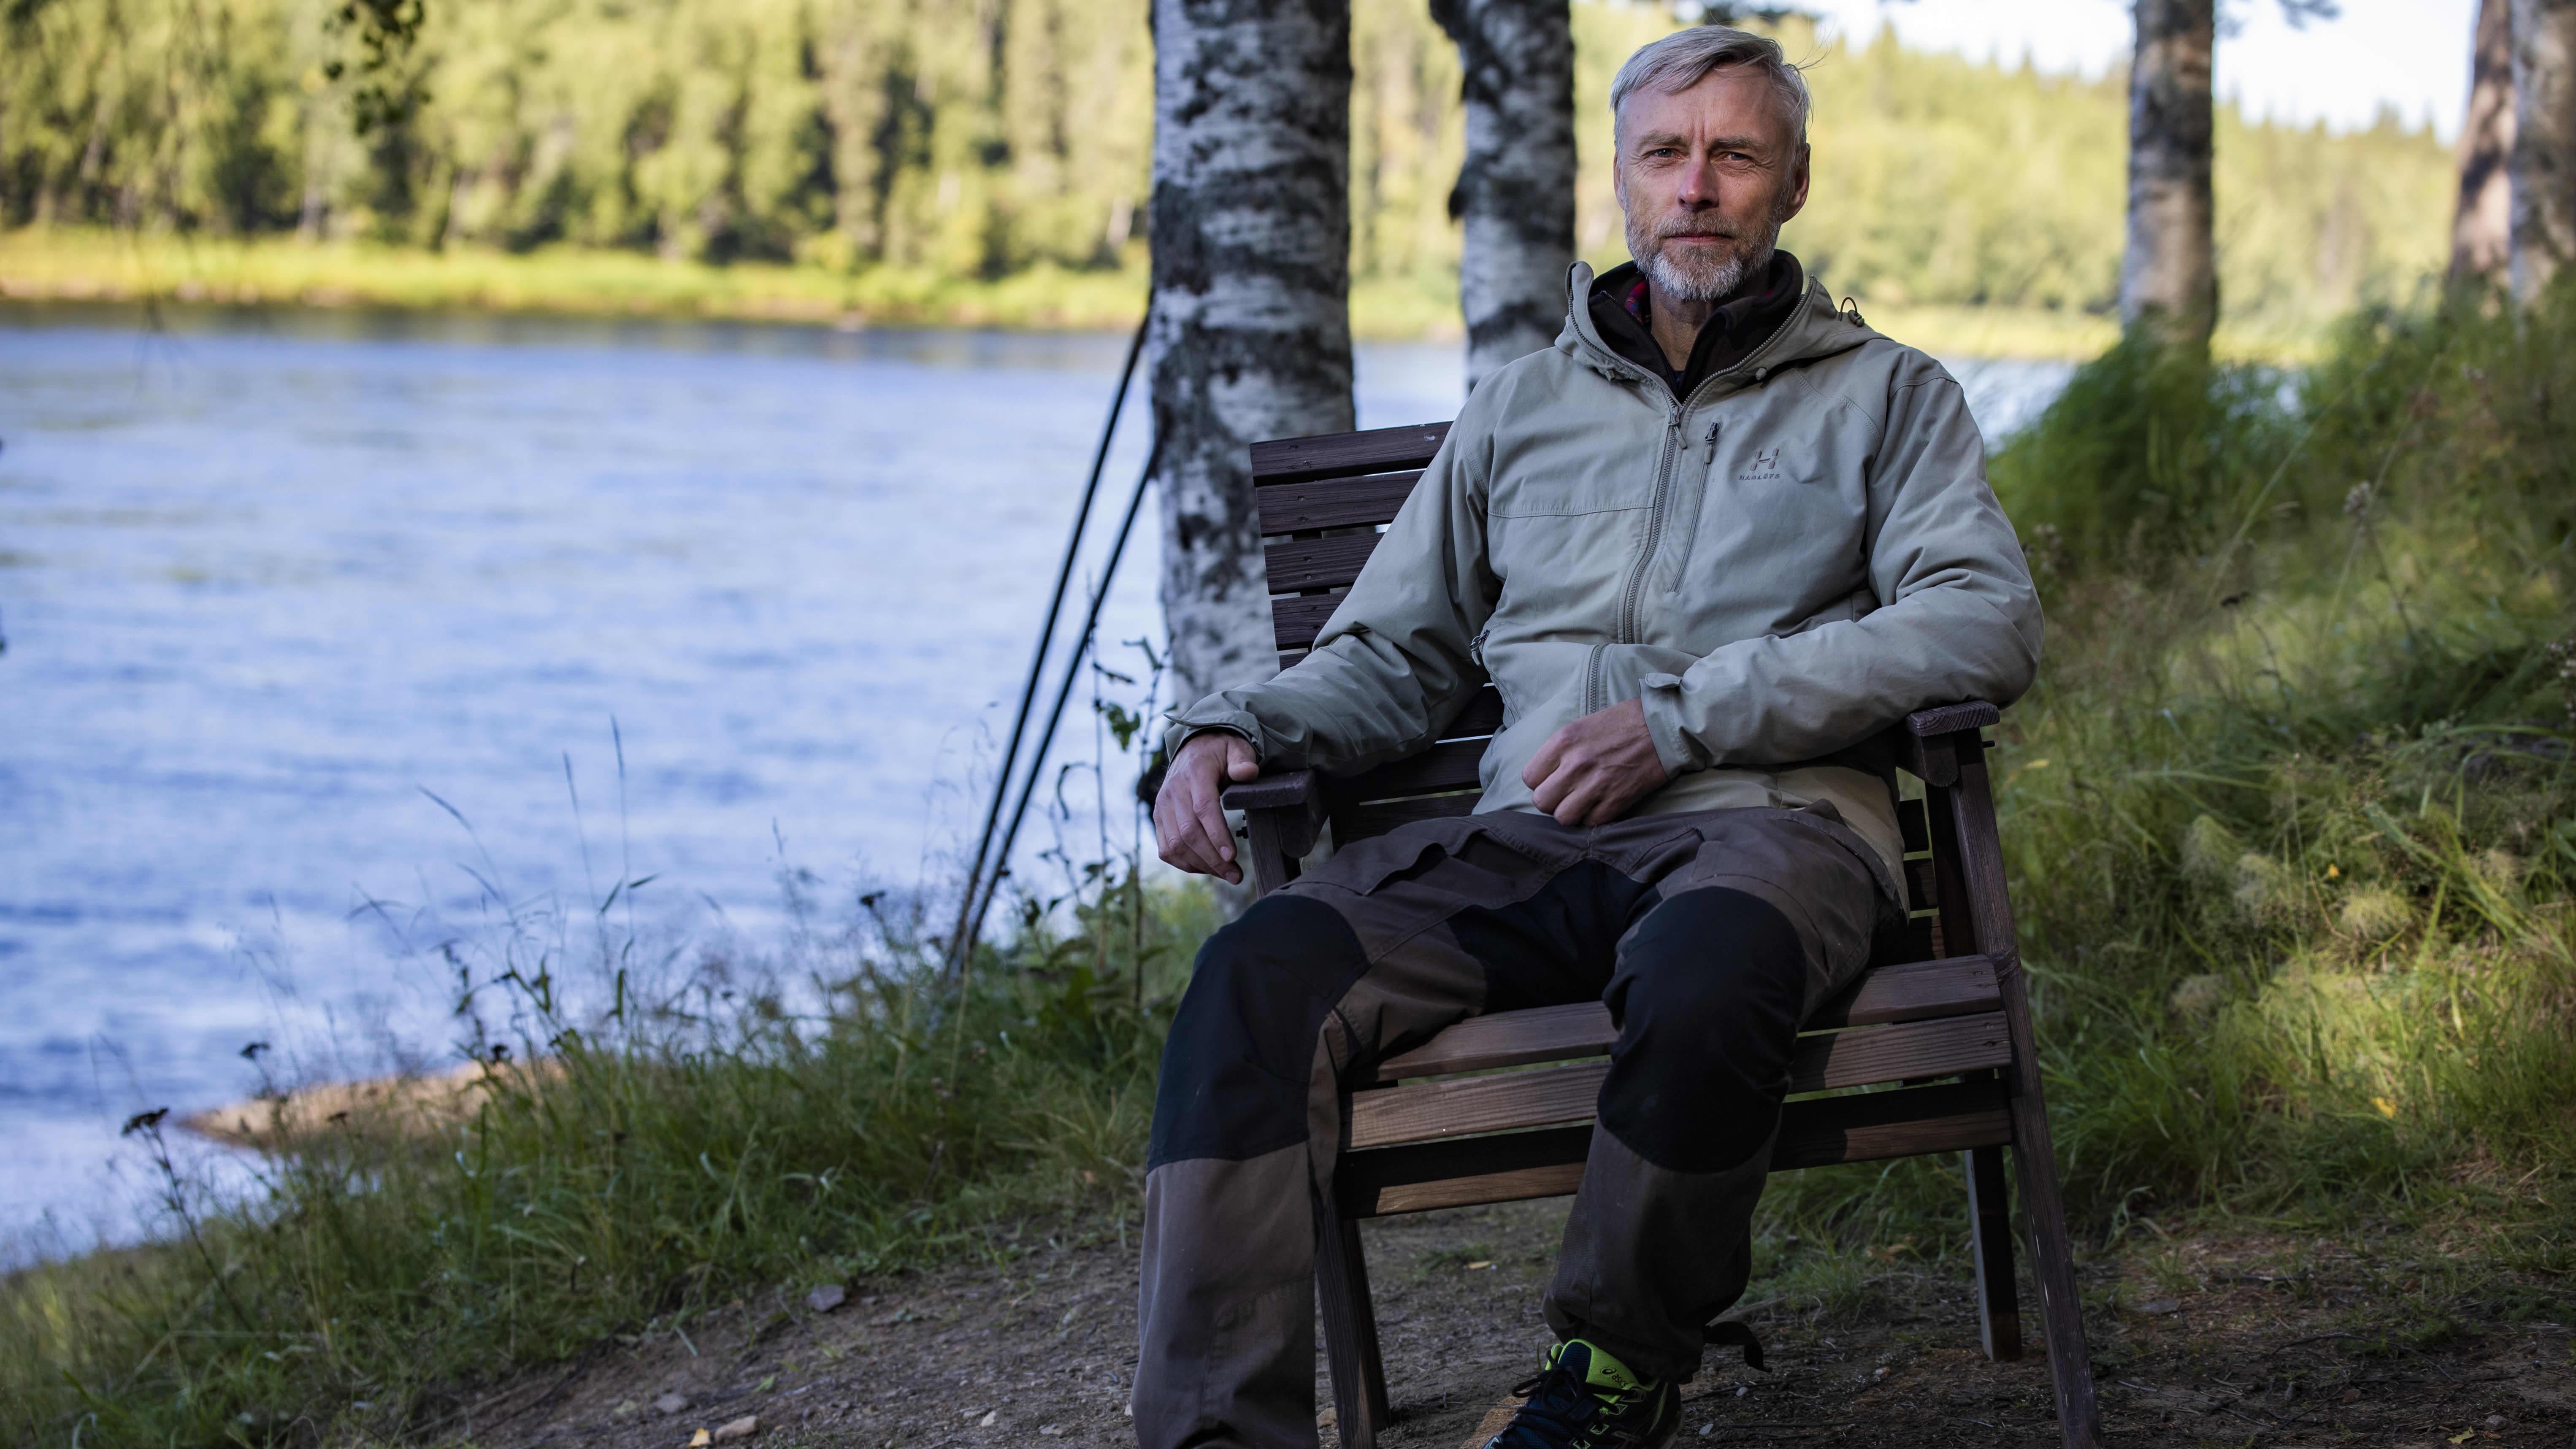 Kyttyrälohi ei ole onnistunut valloittamaan Itämerta, mutta ei se mahdotonta ole, sanoo tutkija Atso Romakkaniemi